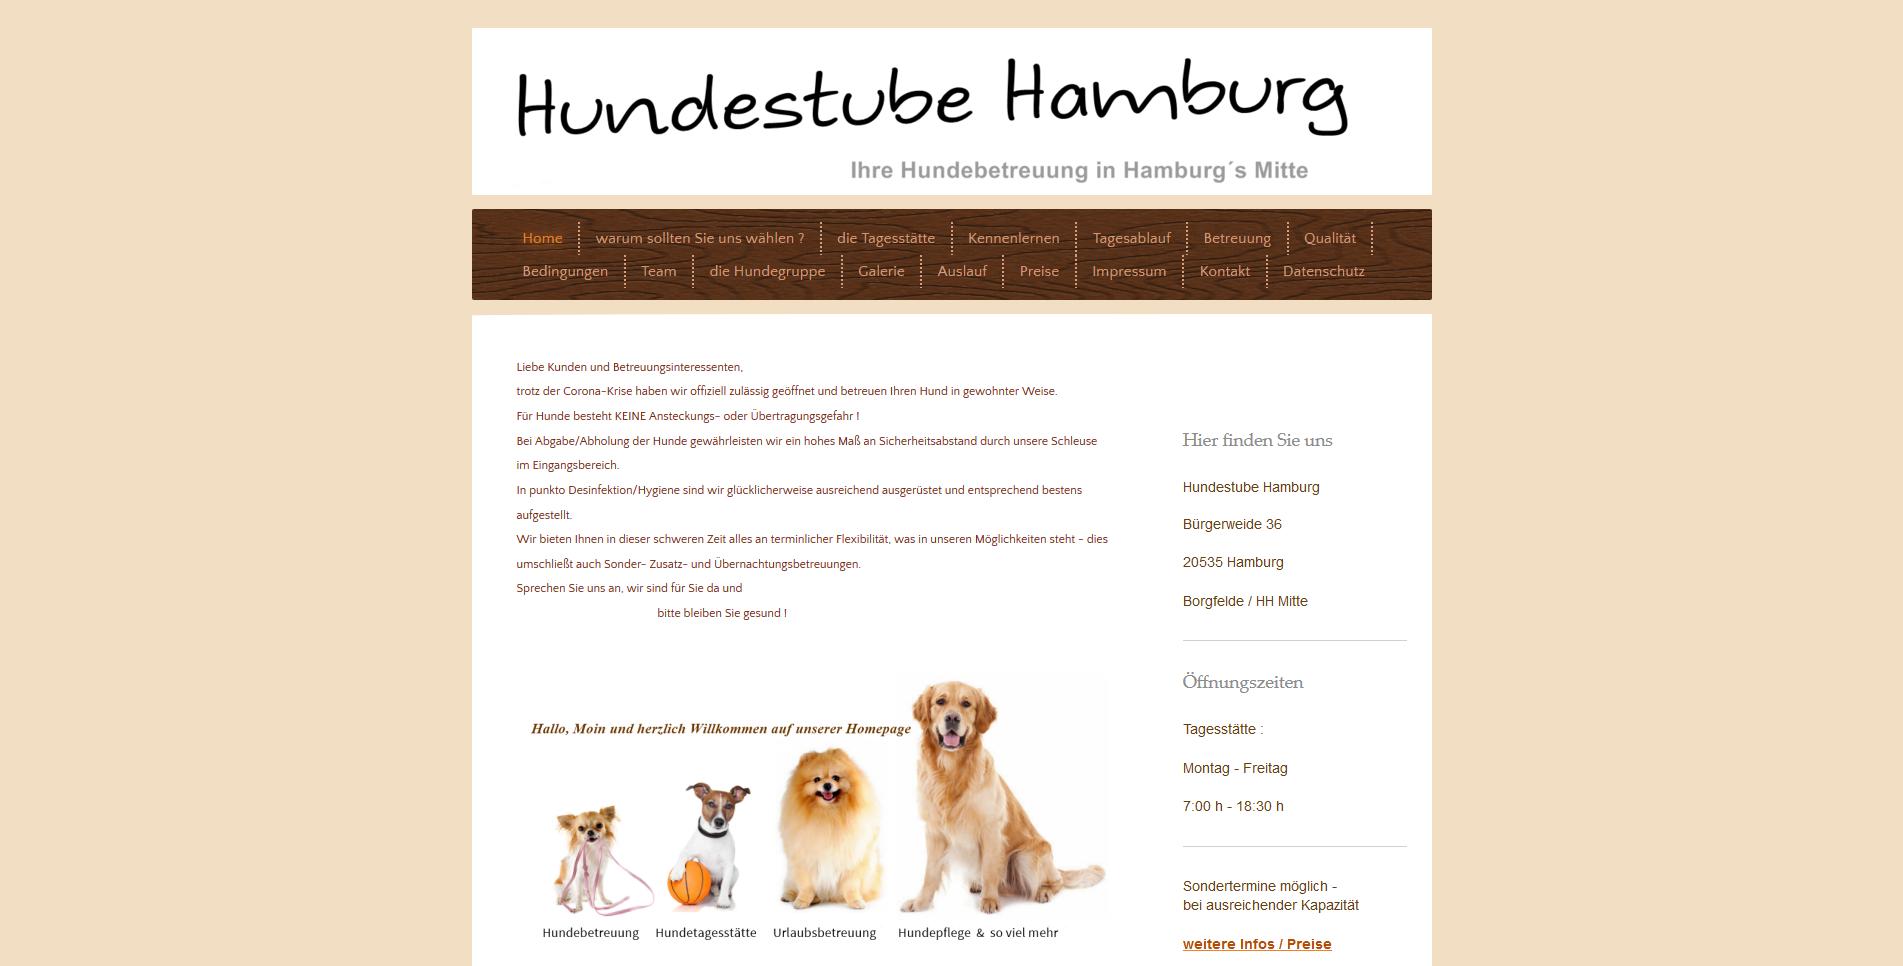 Hundestube Hamburg